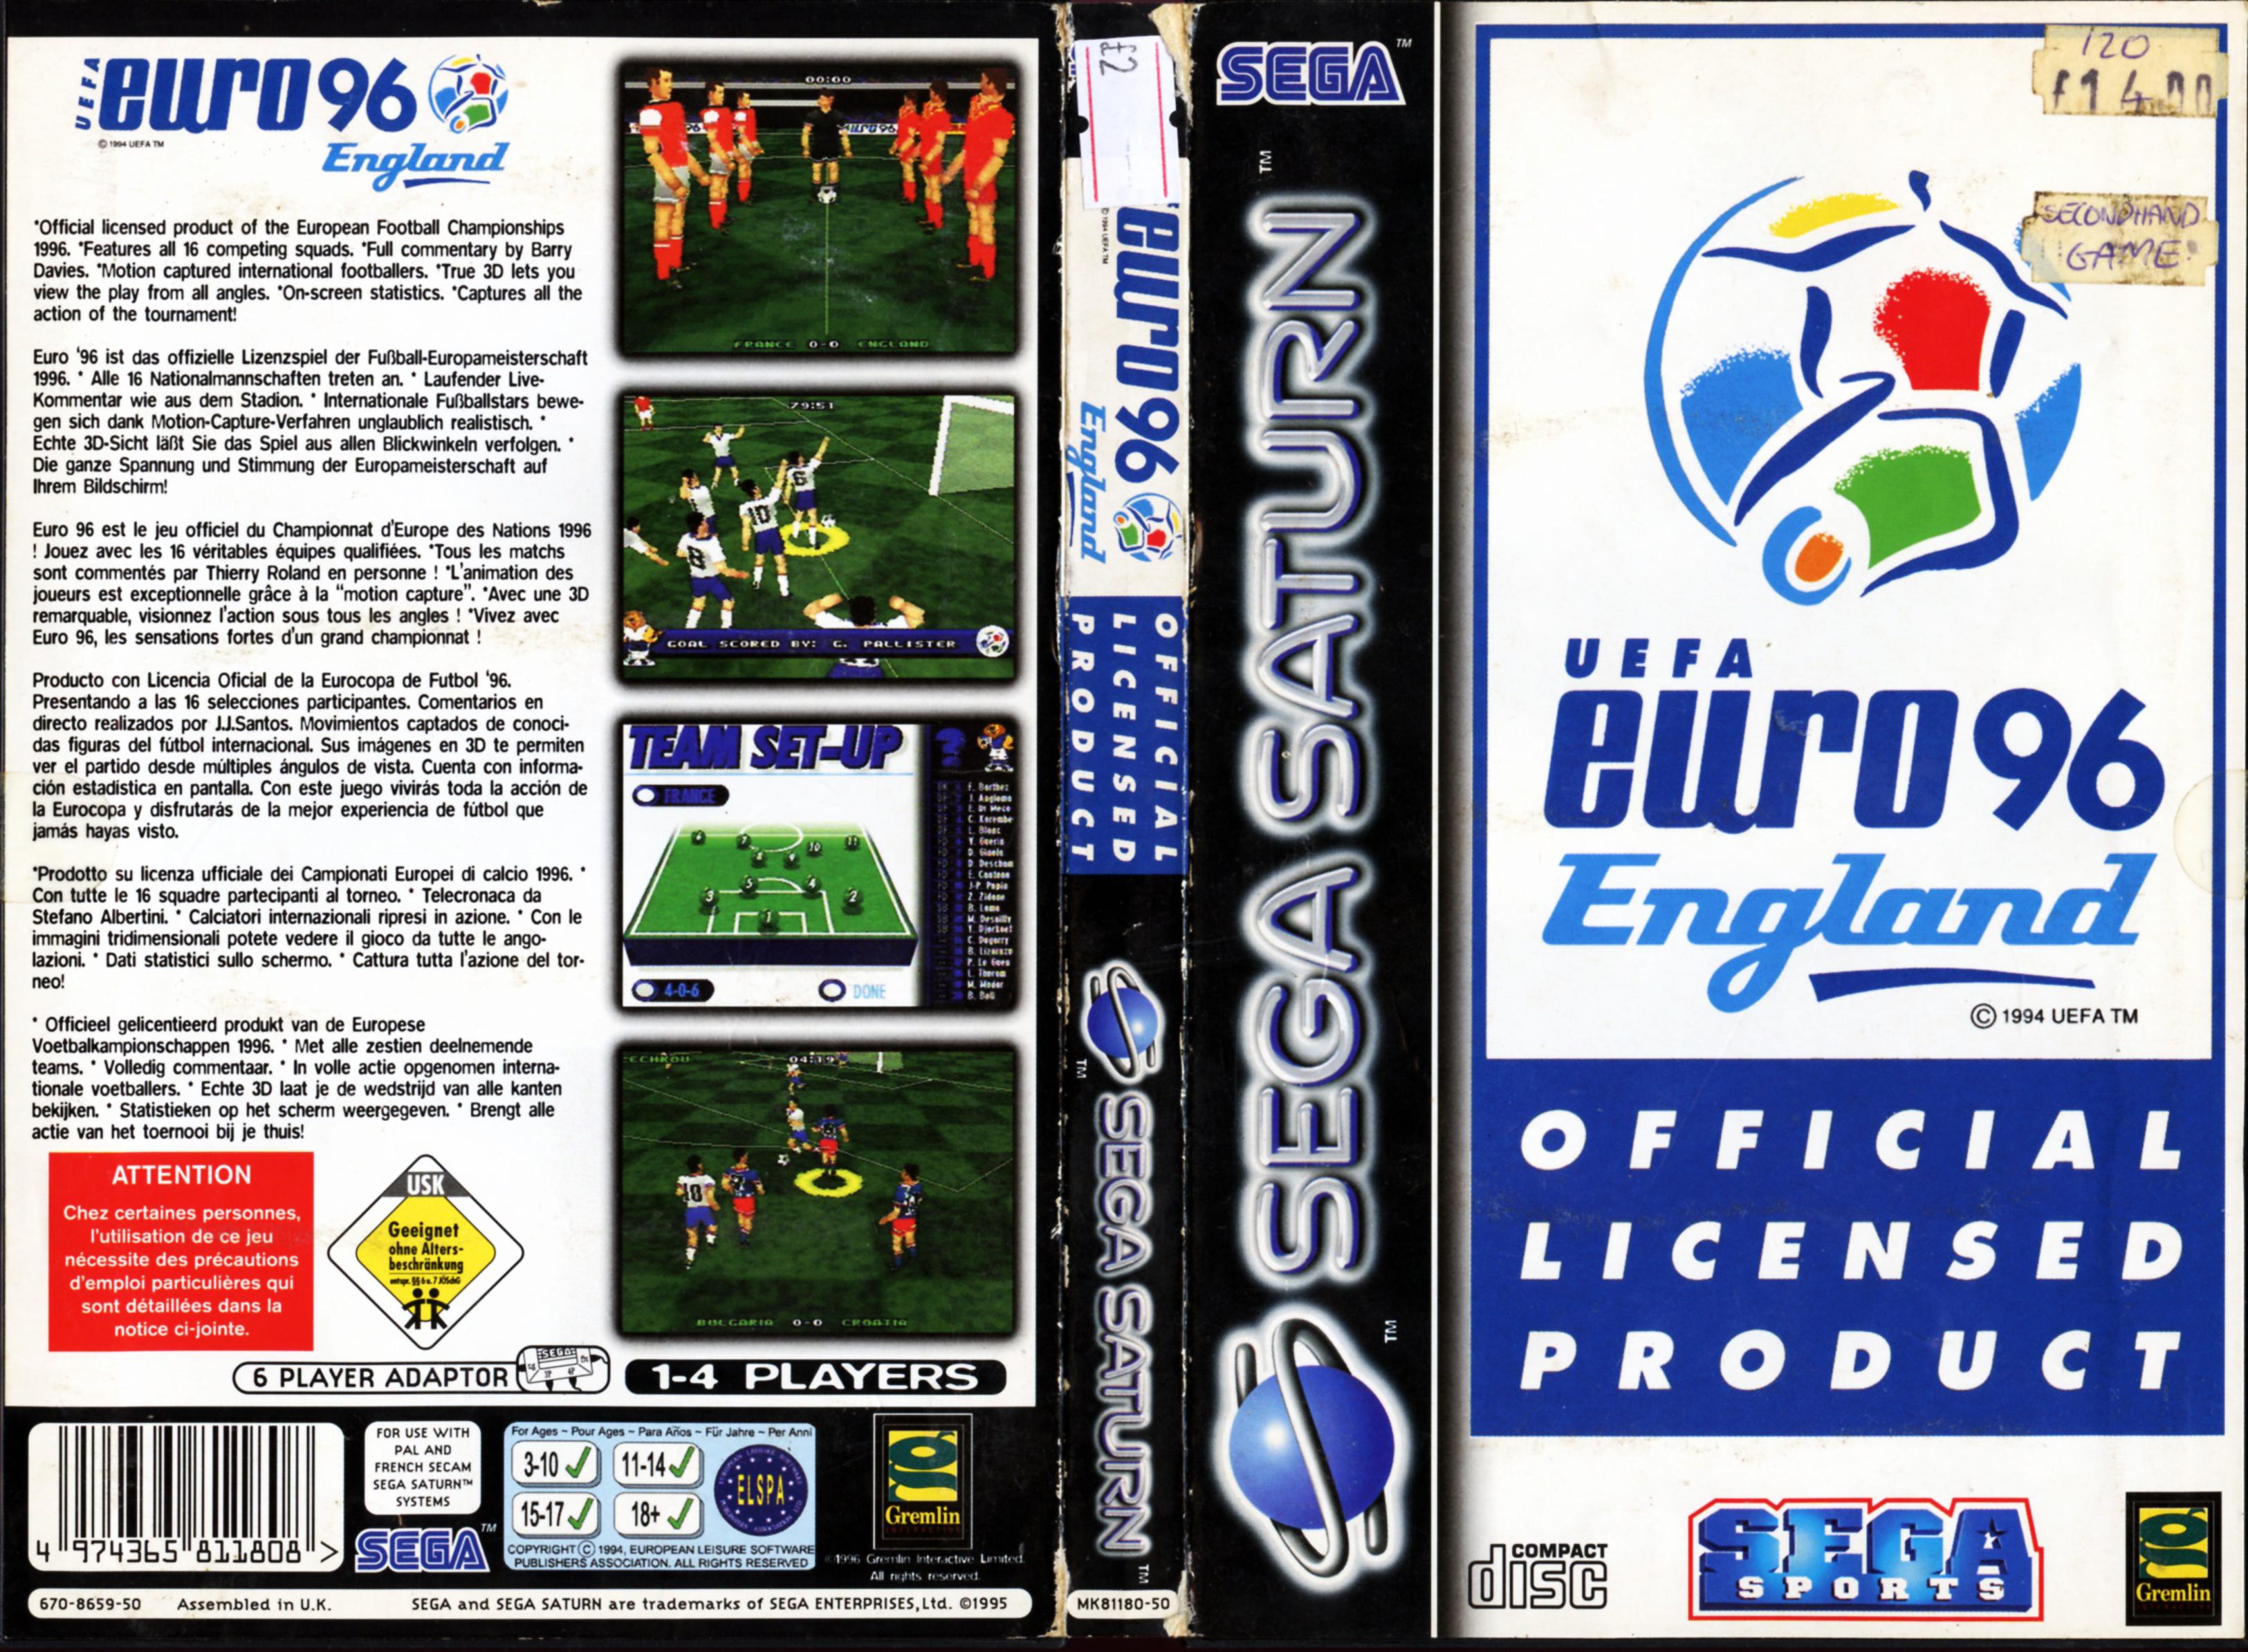 UEFA Euro 96 England (Sega Saturn)